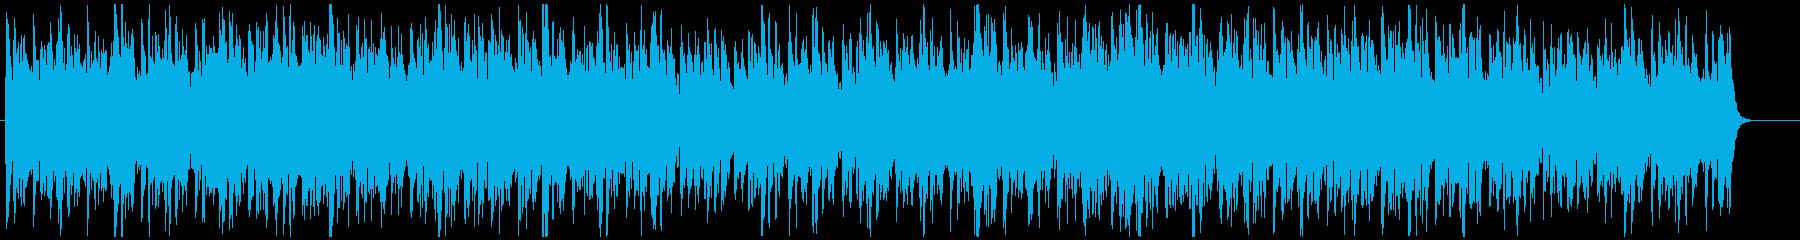 クライマックス的なオケ曲の再生済みの波形